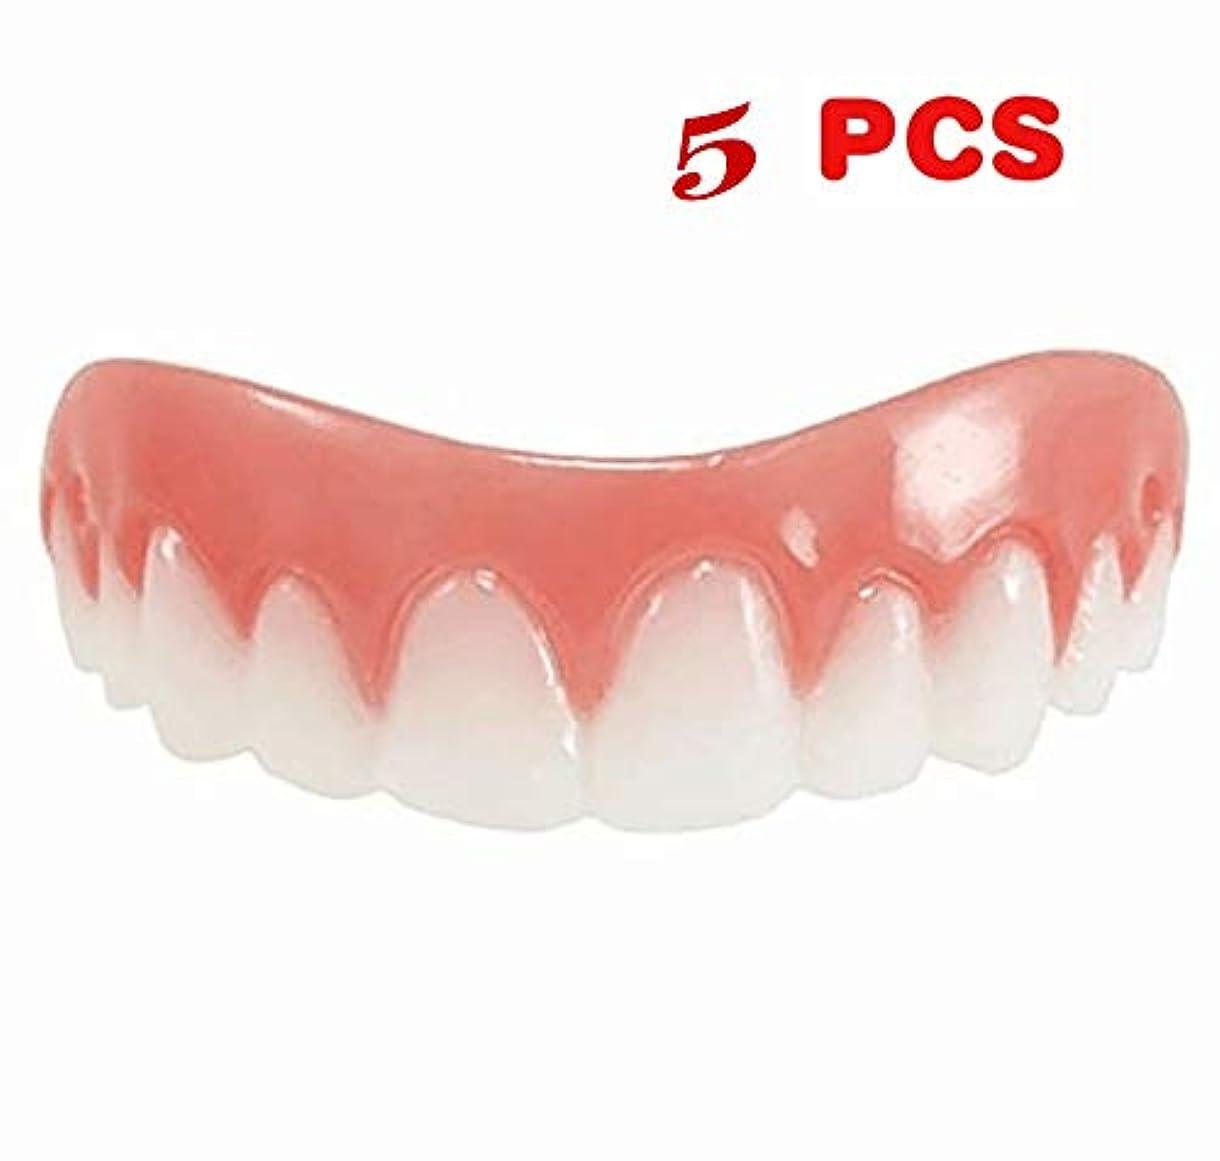 かんたん回想ホイップ新しい再利用可能な大人のスナップオンパーフェクトスマイルホワイトニング義歯フィットフレックス化粧品歯快適なベニアカバーデンタルケアアクセサリー